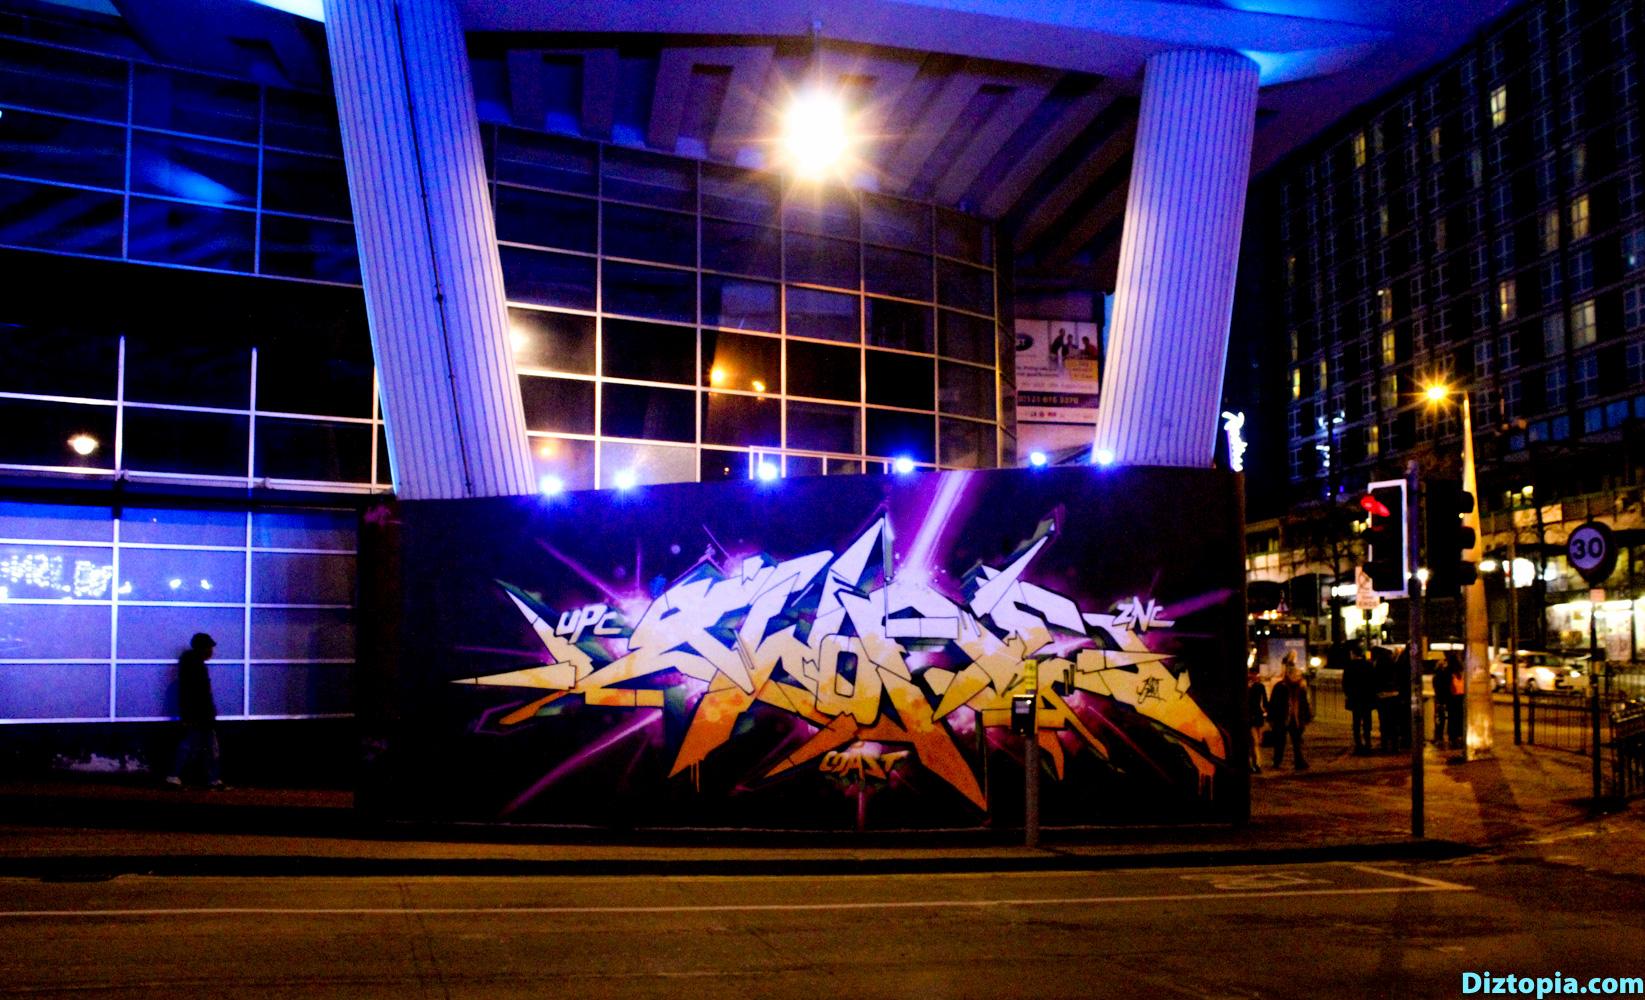 Birmingham-Canal-City-Diztopia-Photography-Night-Dizma-Dahl-China-Town-UK-Blog-1